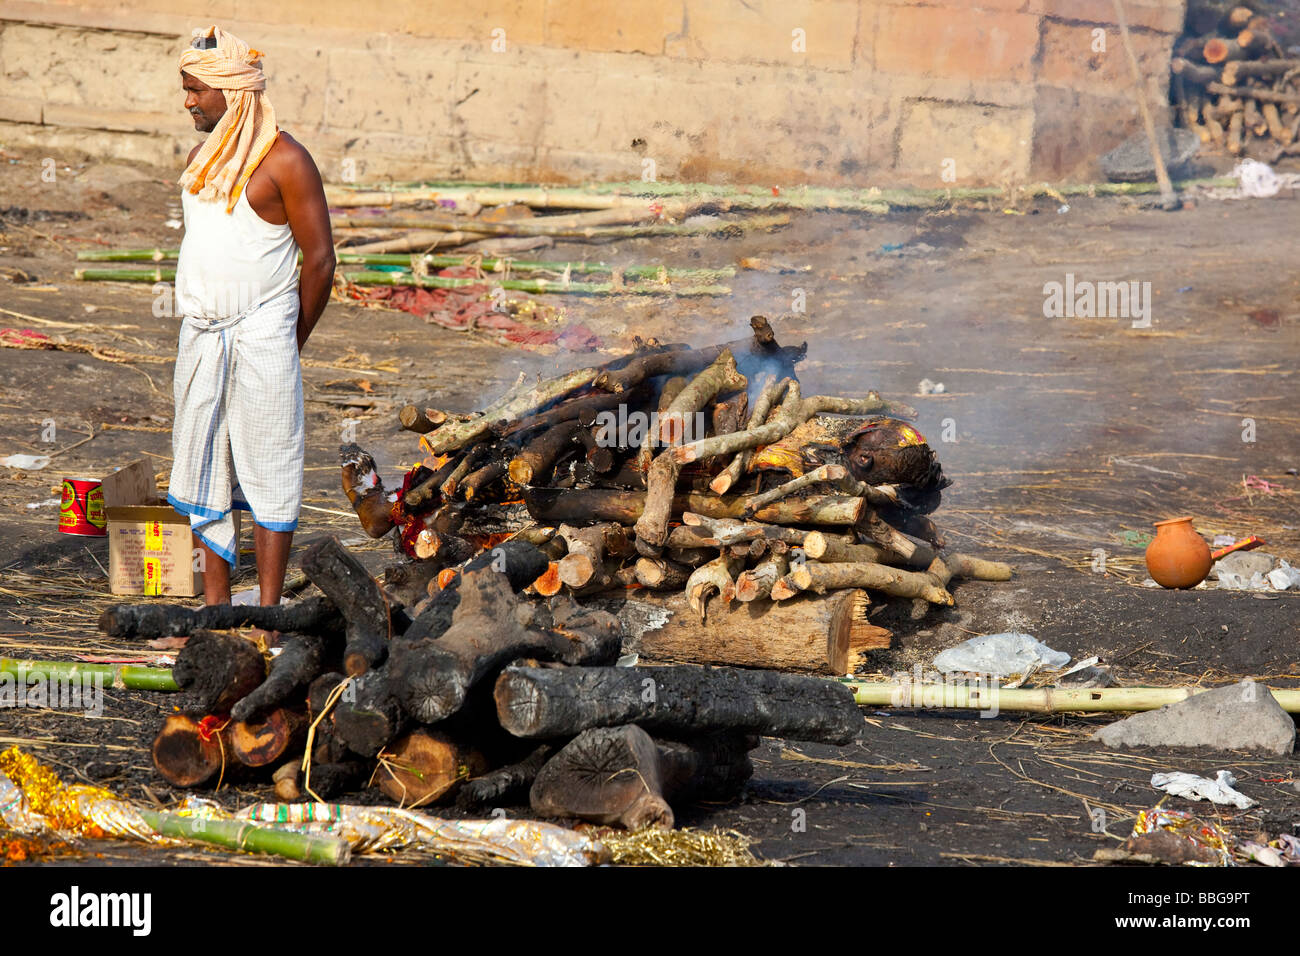 Hindu Body Burning on the Ghat in Varanasi India Stock ...